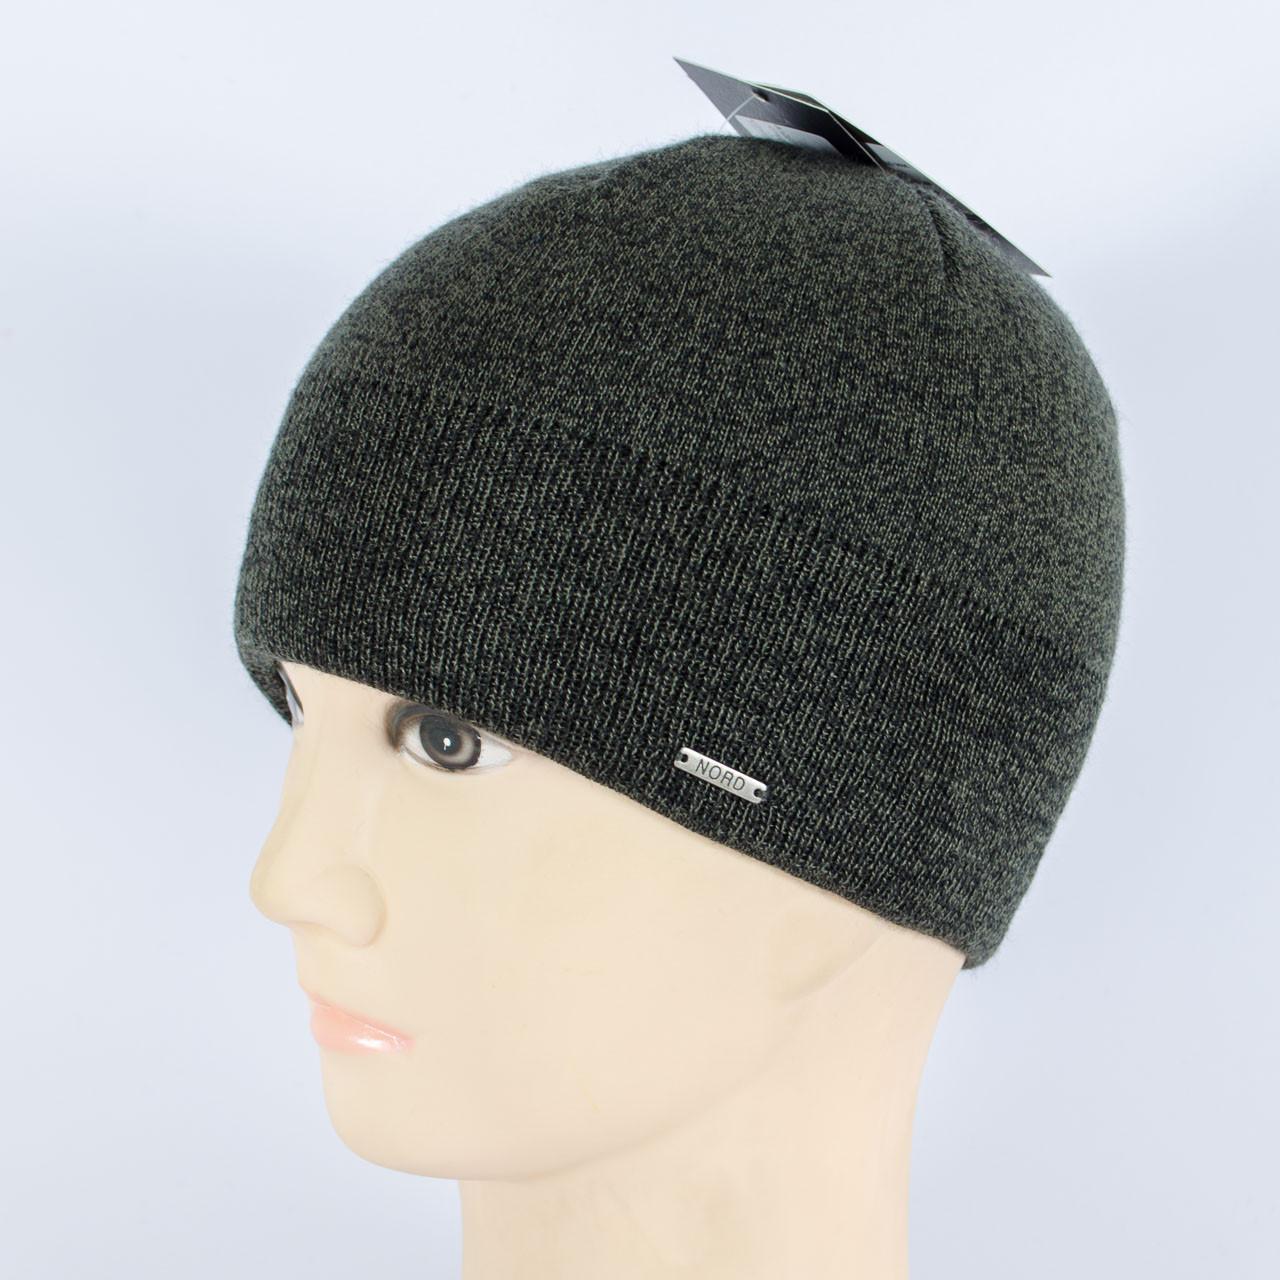 Мужская вязанная шапка на флисе, Серый меланж